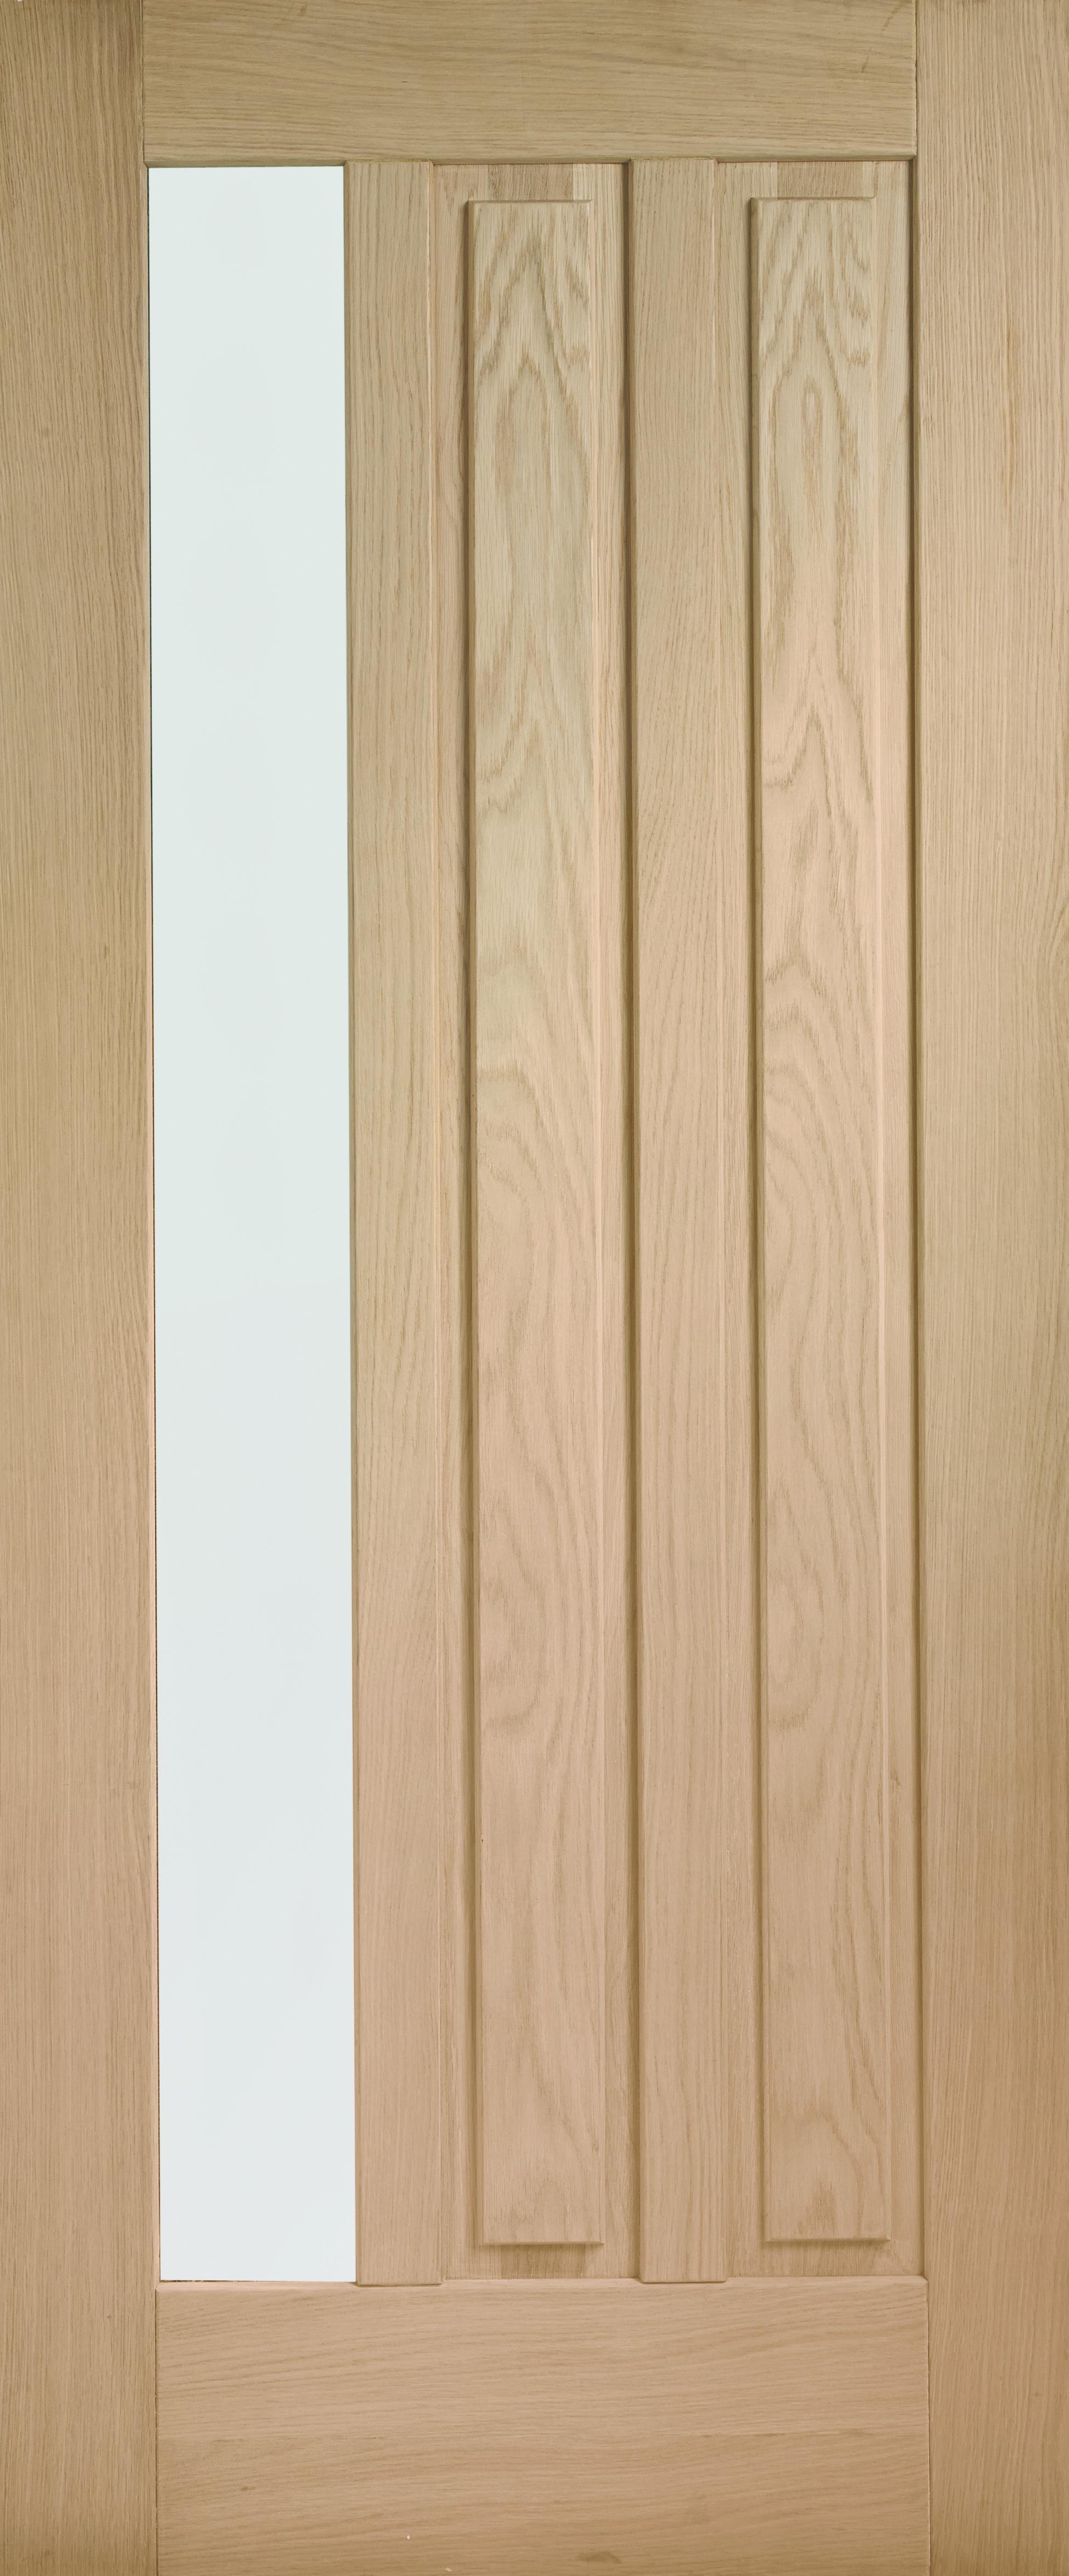 External Oak Prato Obscure Glass.jpg